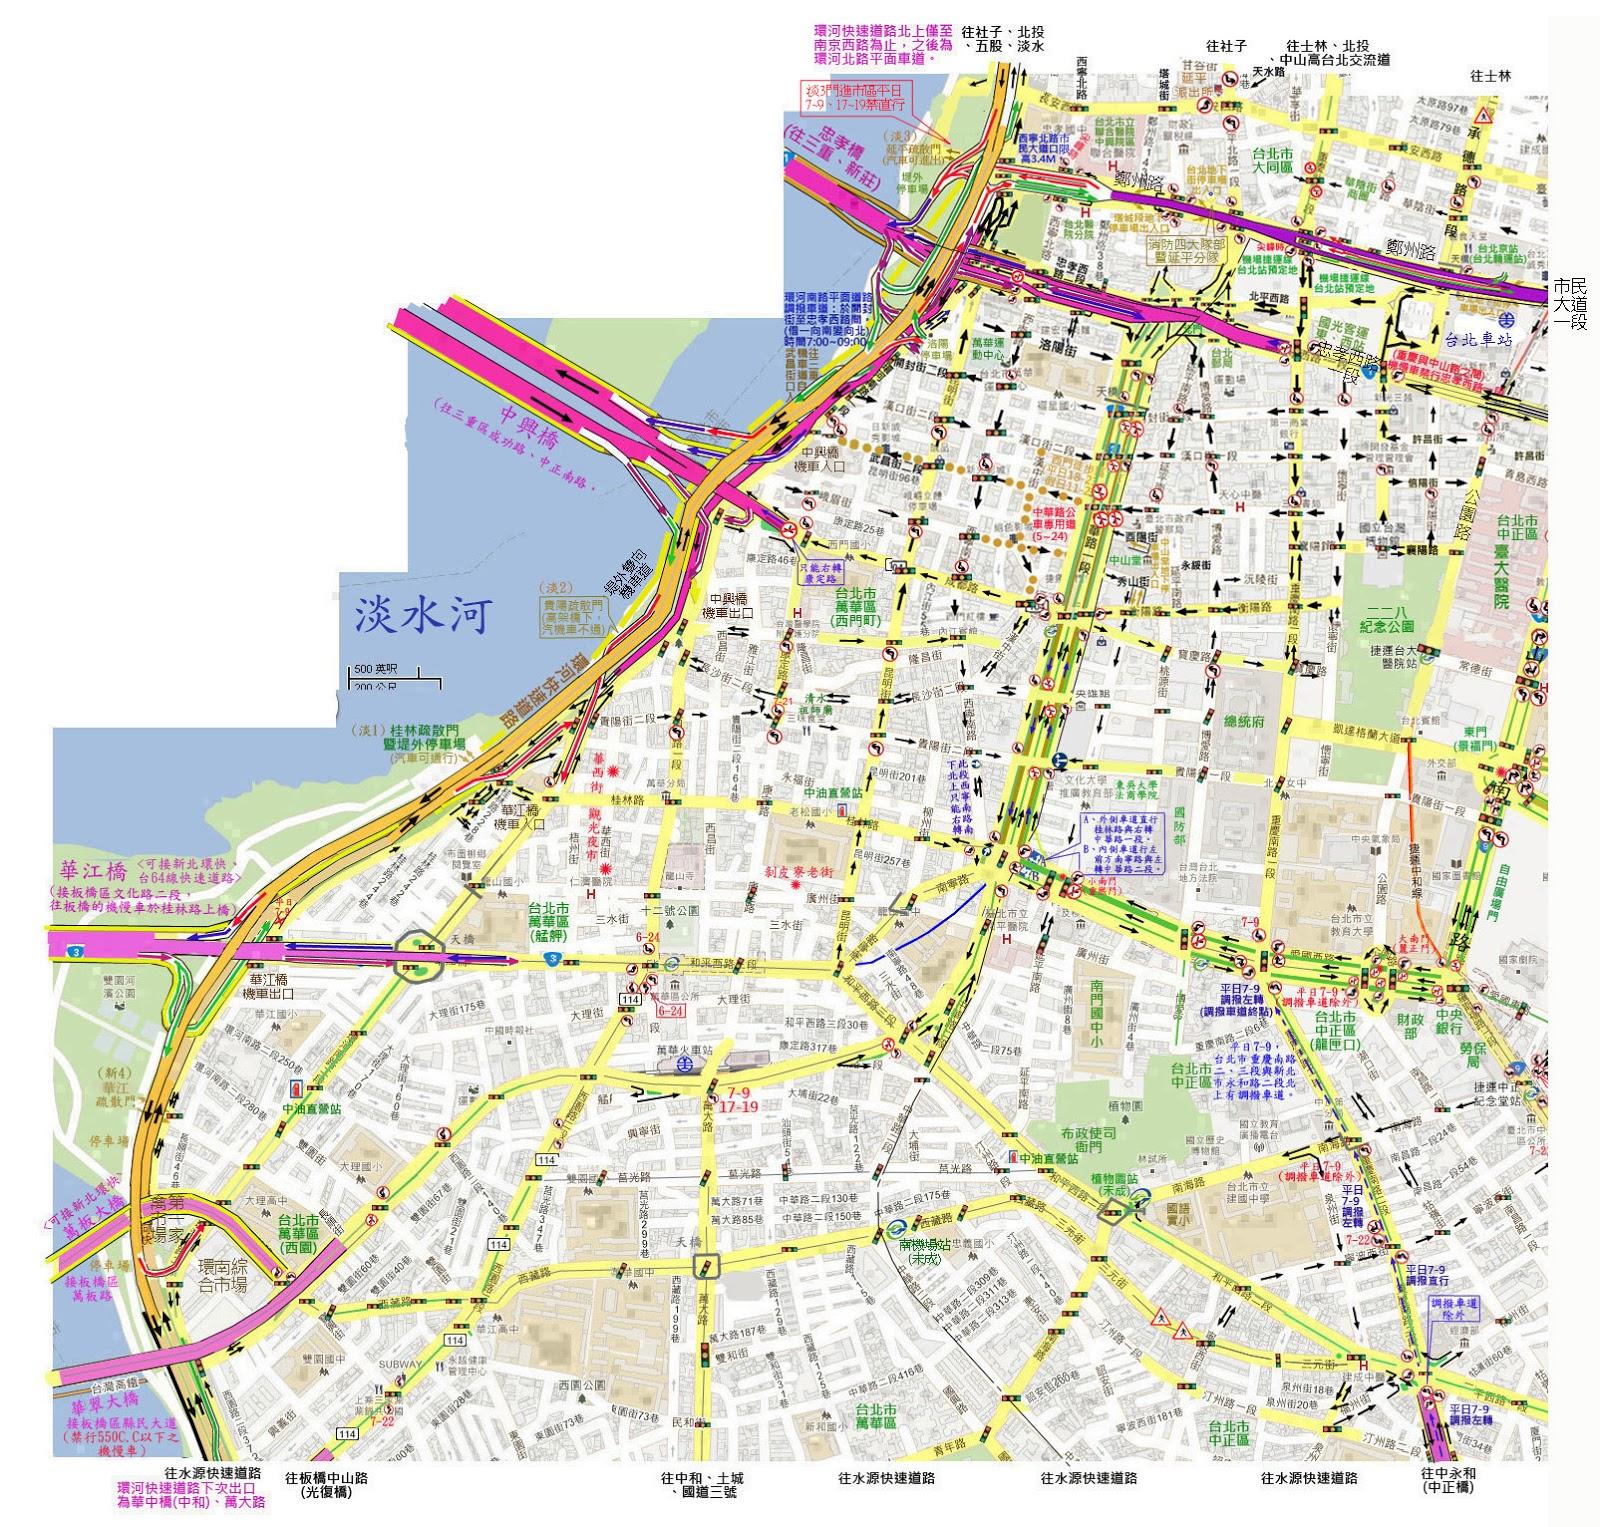 黃民彰的網站--Taiwan Taipei: 臺北市環河快速道路南段,總統府週邊簡圖